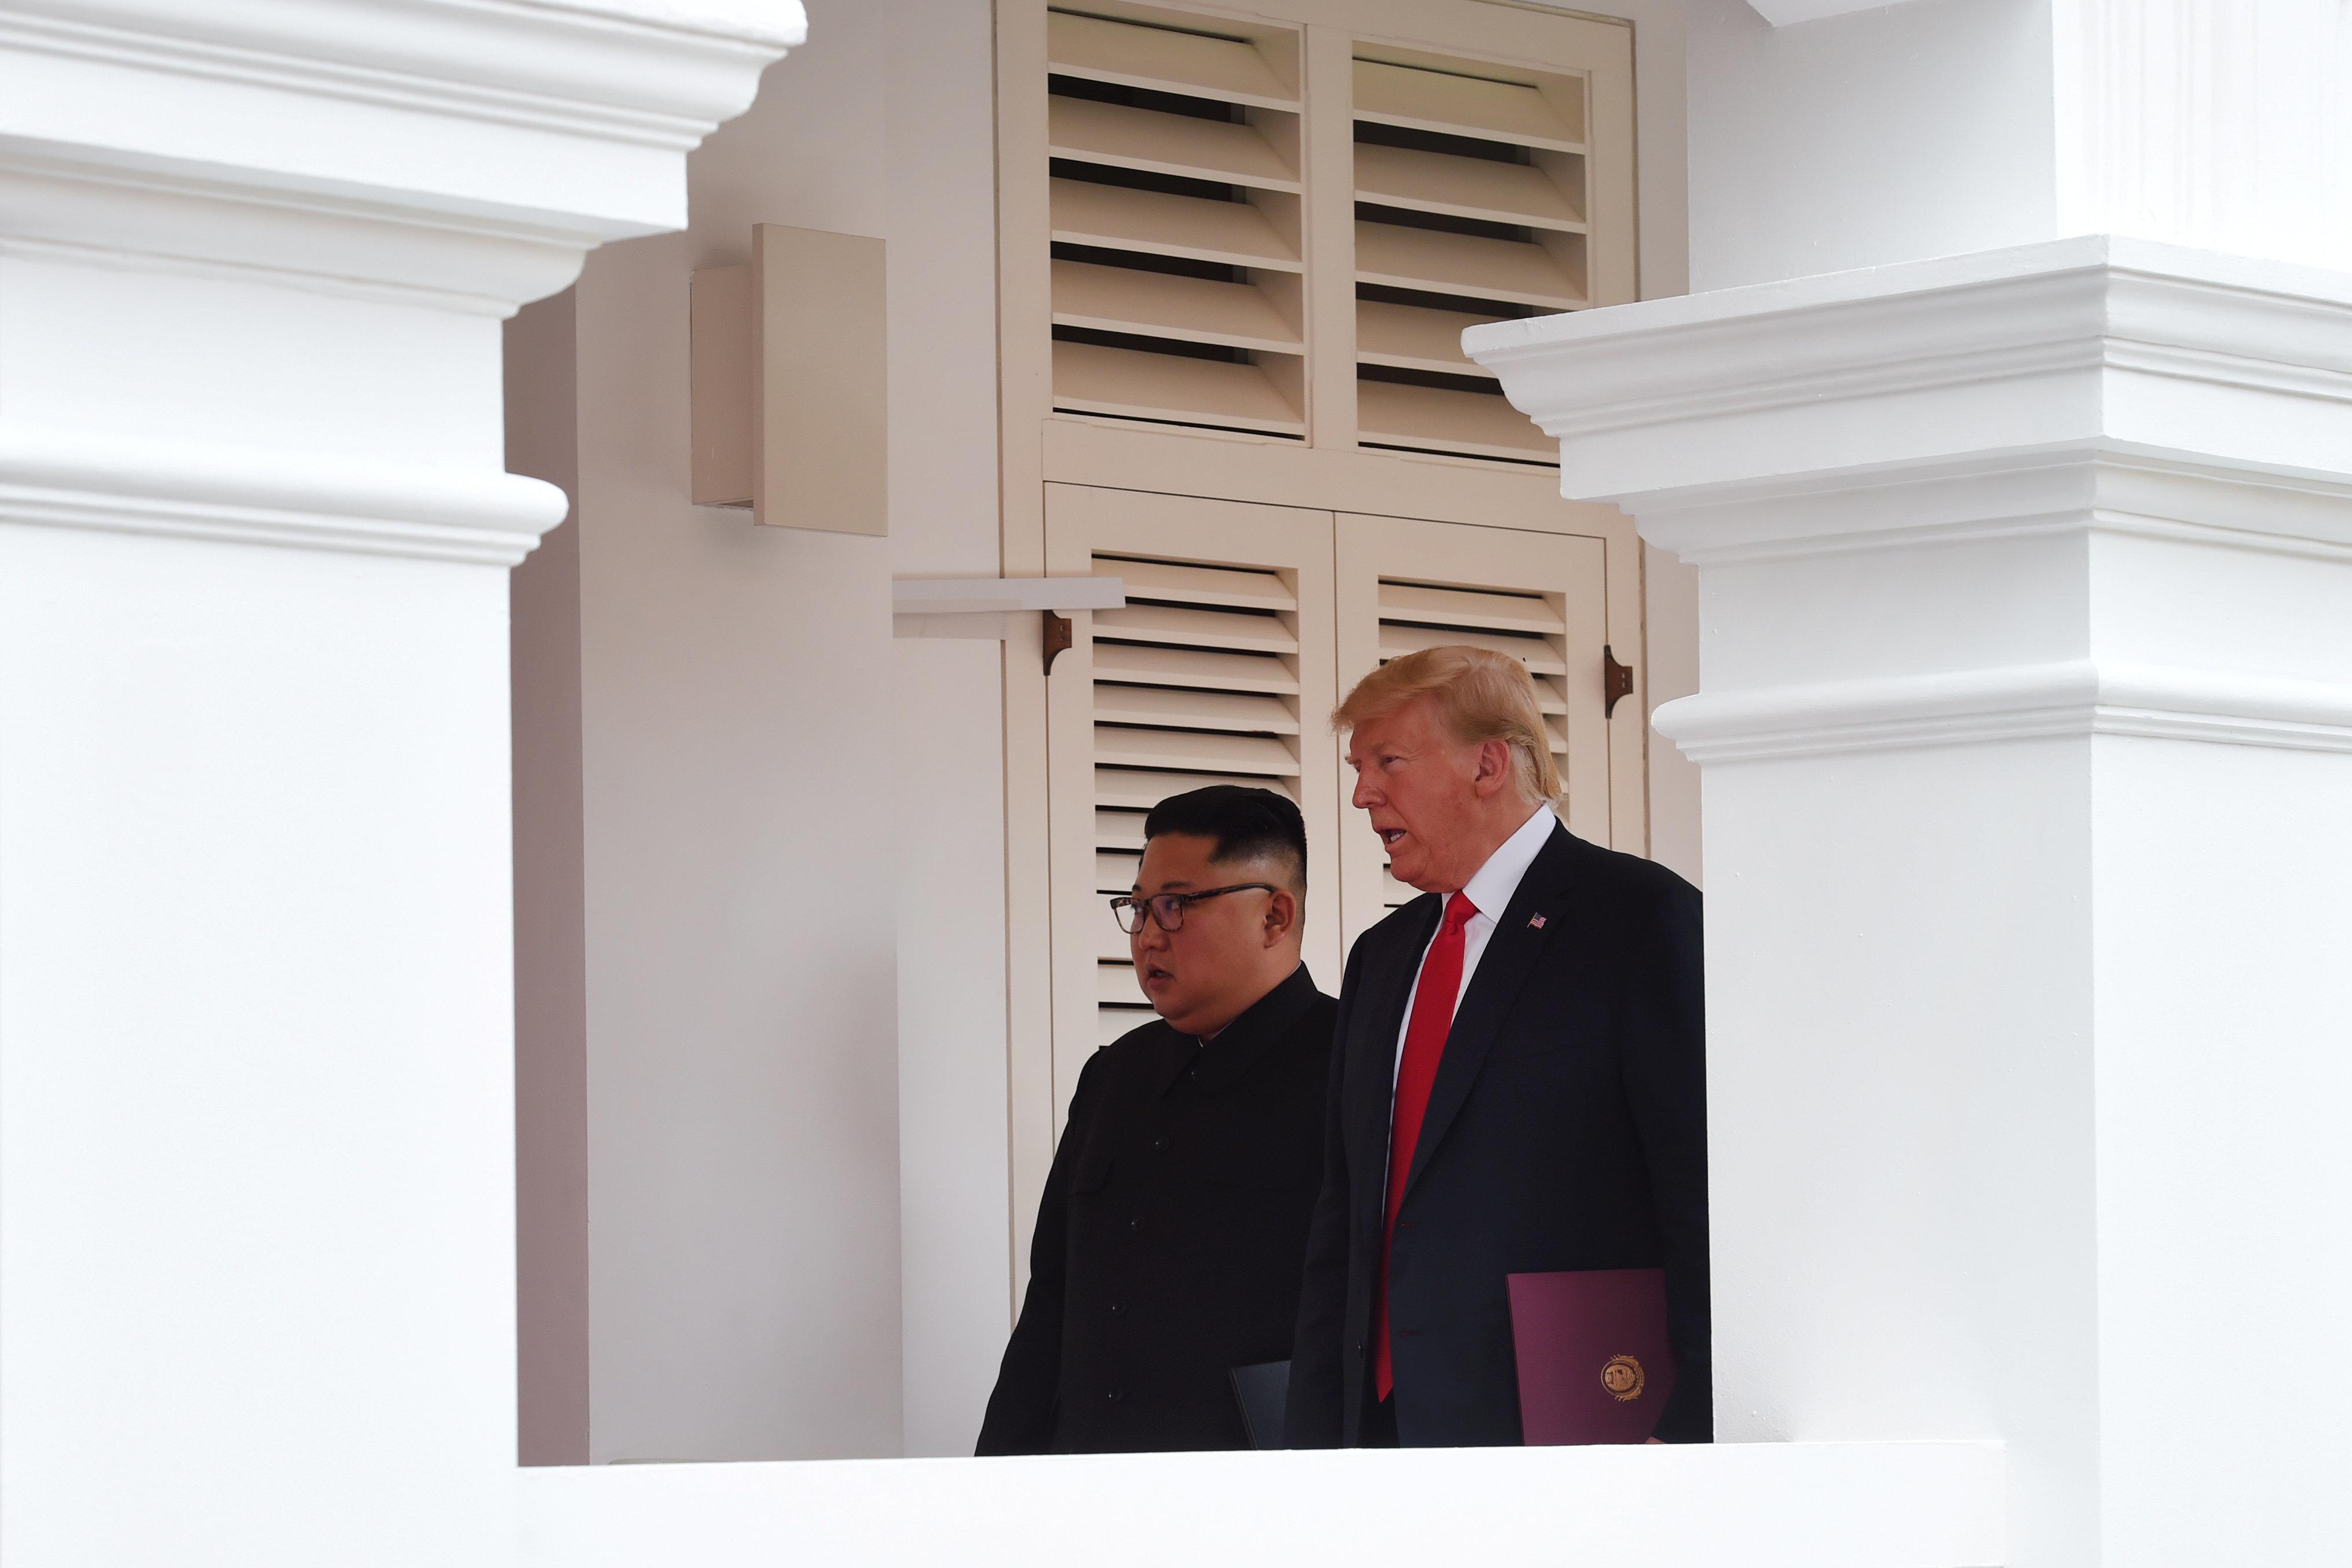 Εγγυήσεις ασφάλειας από τις ΗΠΑ στη Β.Κορέα και πλήρης αποπυρηνικοποίηση. Τα βασικά σημεία της συμφωνίας και το κοινό ανακοινωθέν Τραμπ-Κιμ Γιονγκ ουν